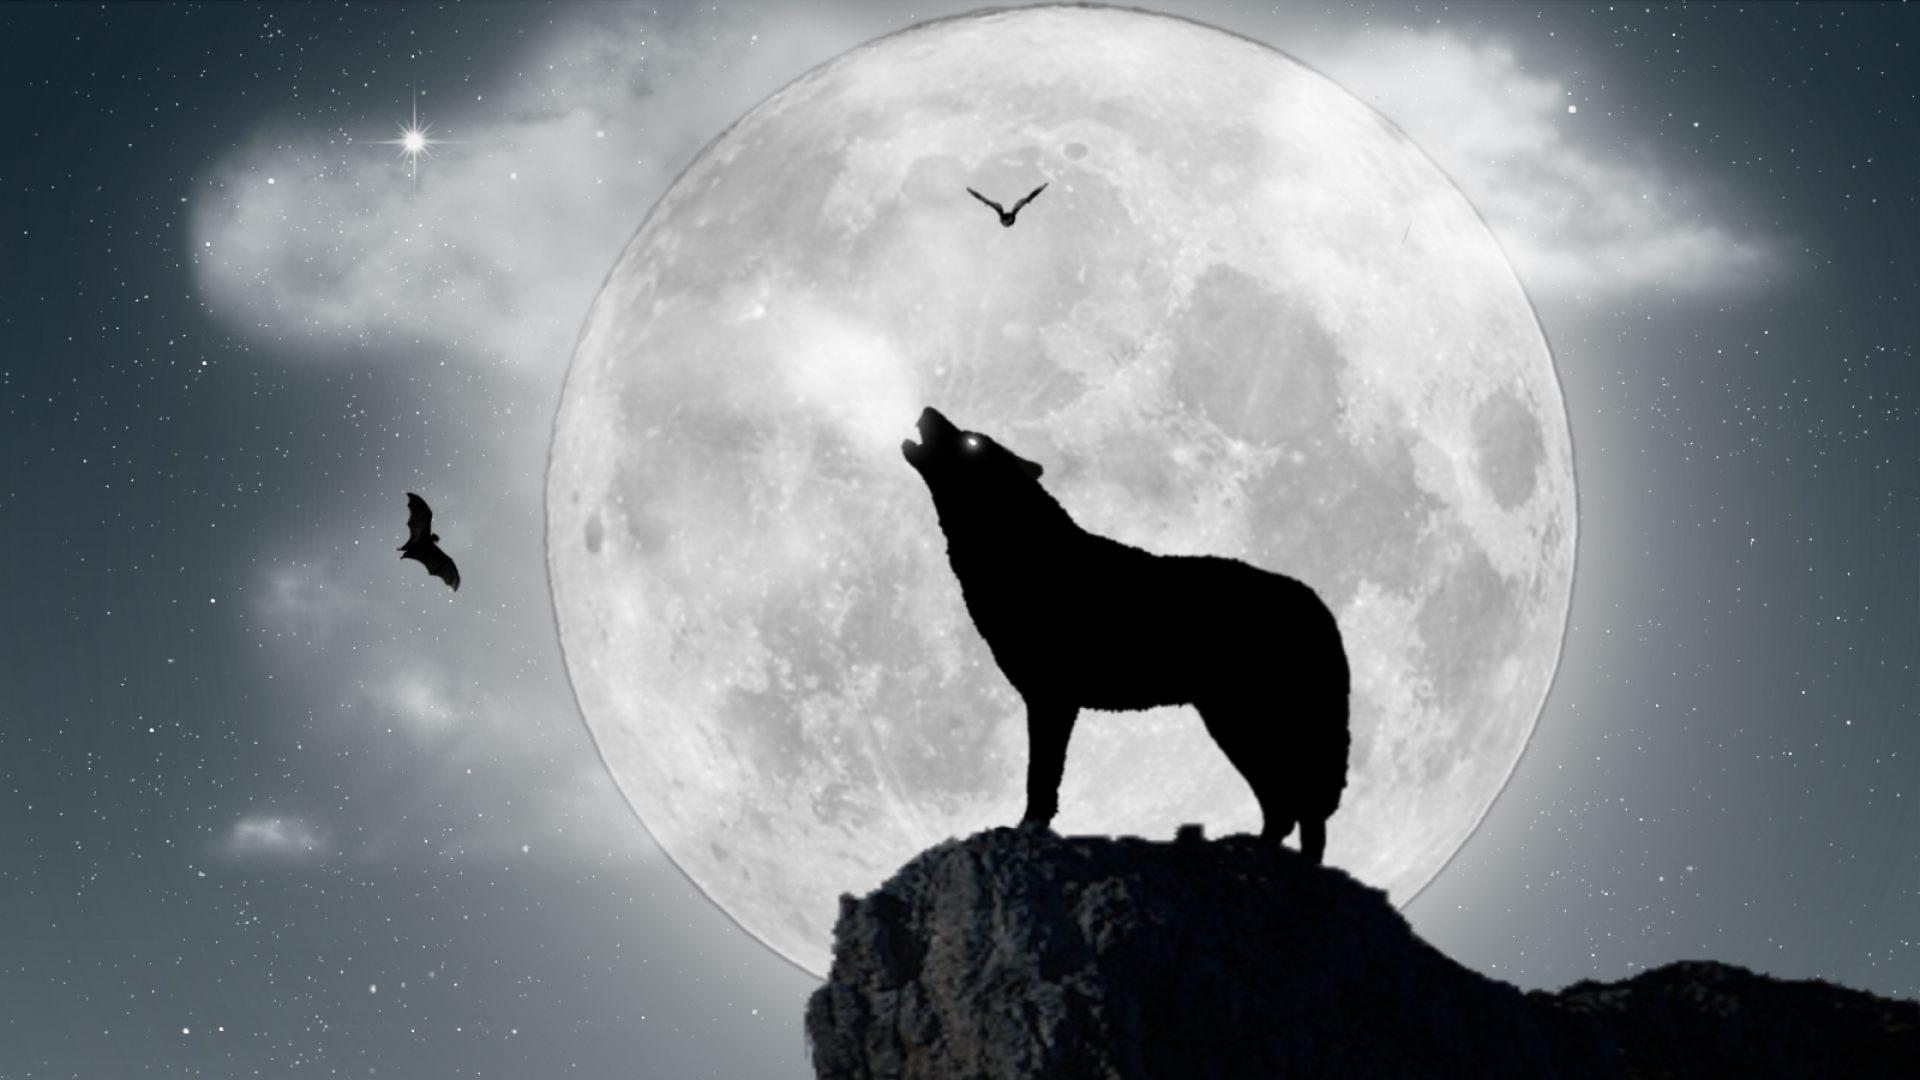 Lobo aullando a la luna llena - 1920x1080 :: Fondos de pantalla y ...